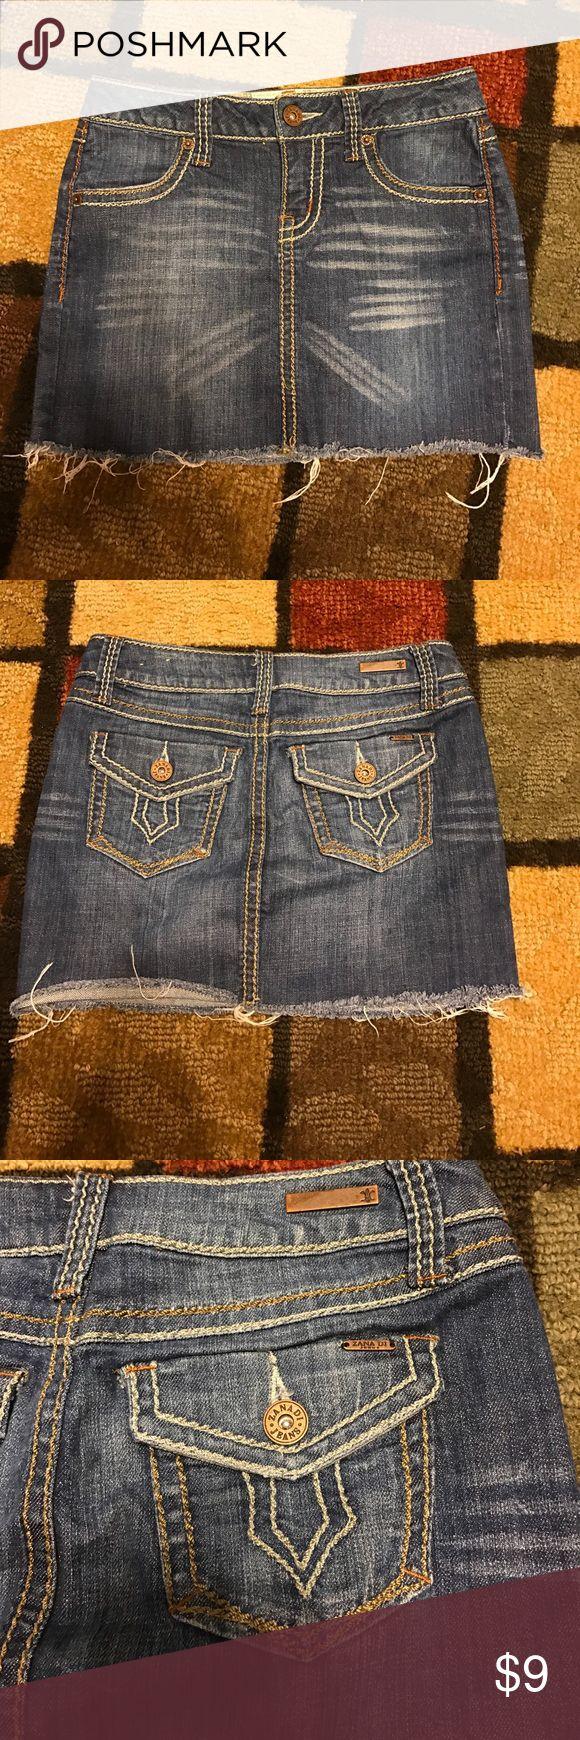 Cute Zanadi jeans cutoff mini skirt size 1 Cute cutoff Zanadi jeans mini skirt size 1 in great condition zanadi jeans Skirts Mini